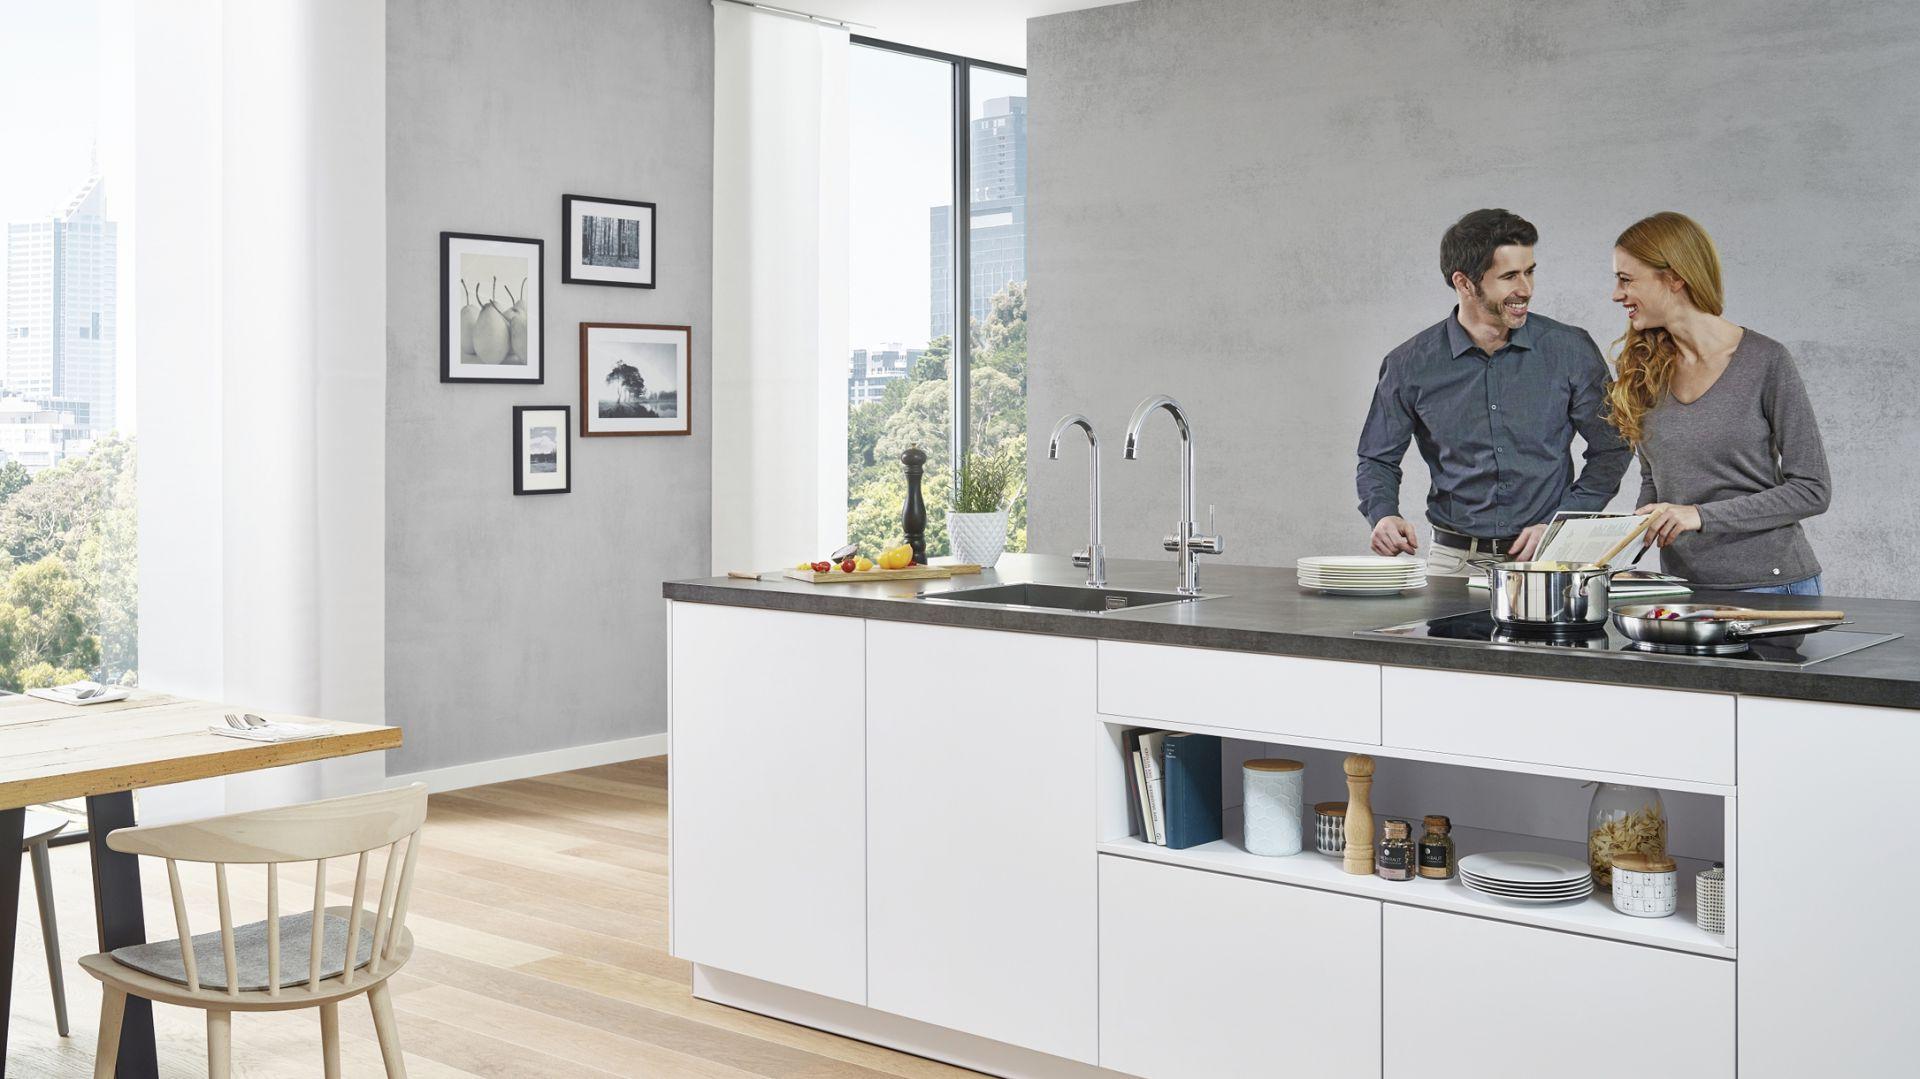 System Blue Home umożliwia pozyskiwanie krystalicznie czystej, schłodzonej wody wprost z kuchennej baterii. Fot. Grohe